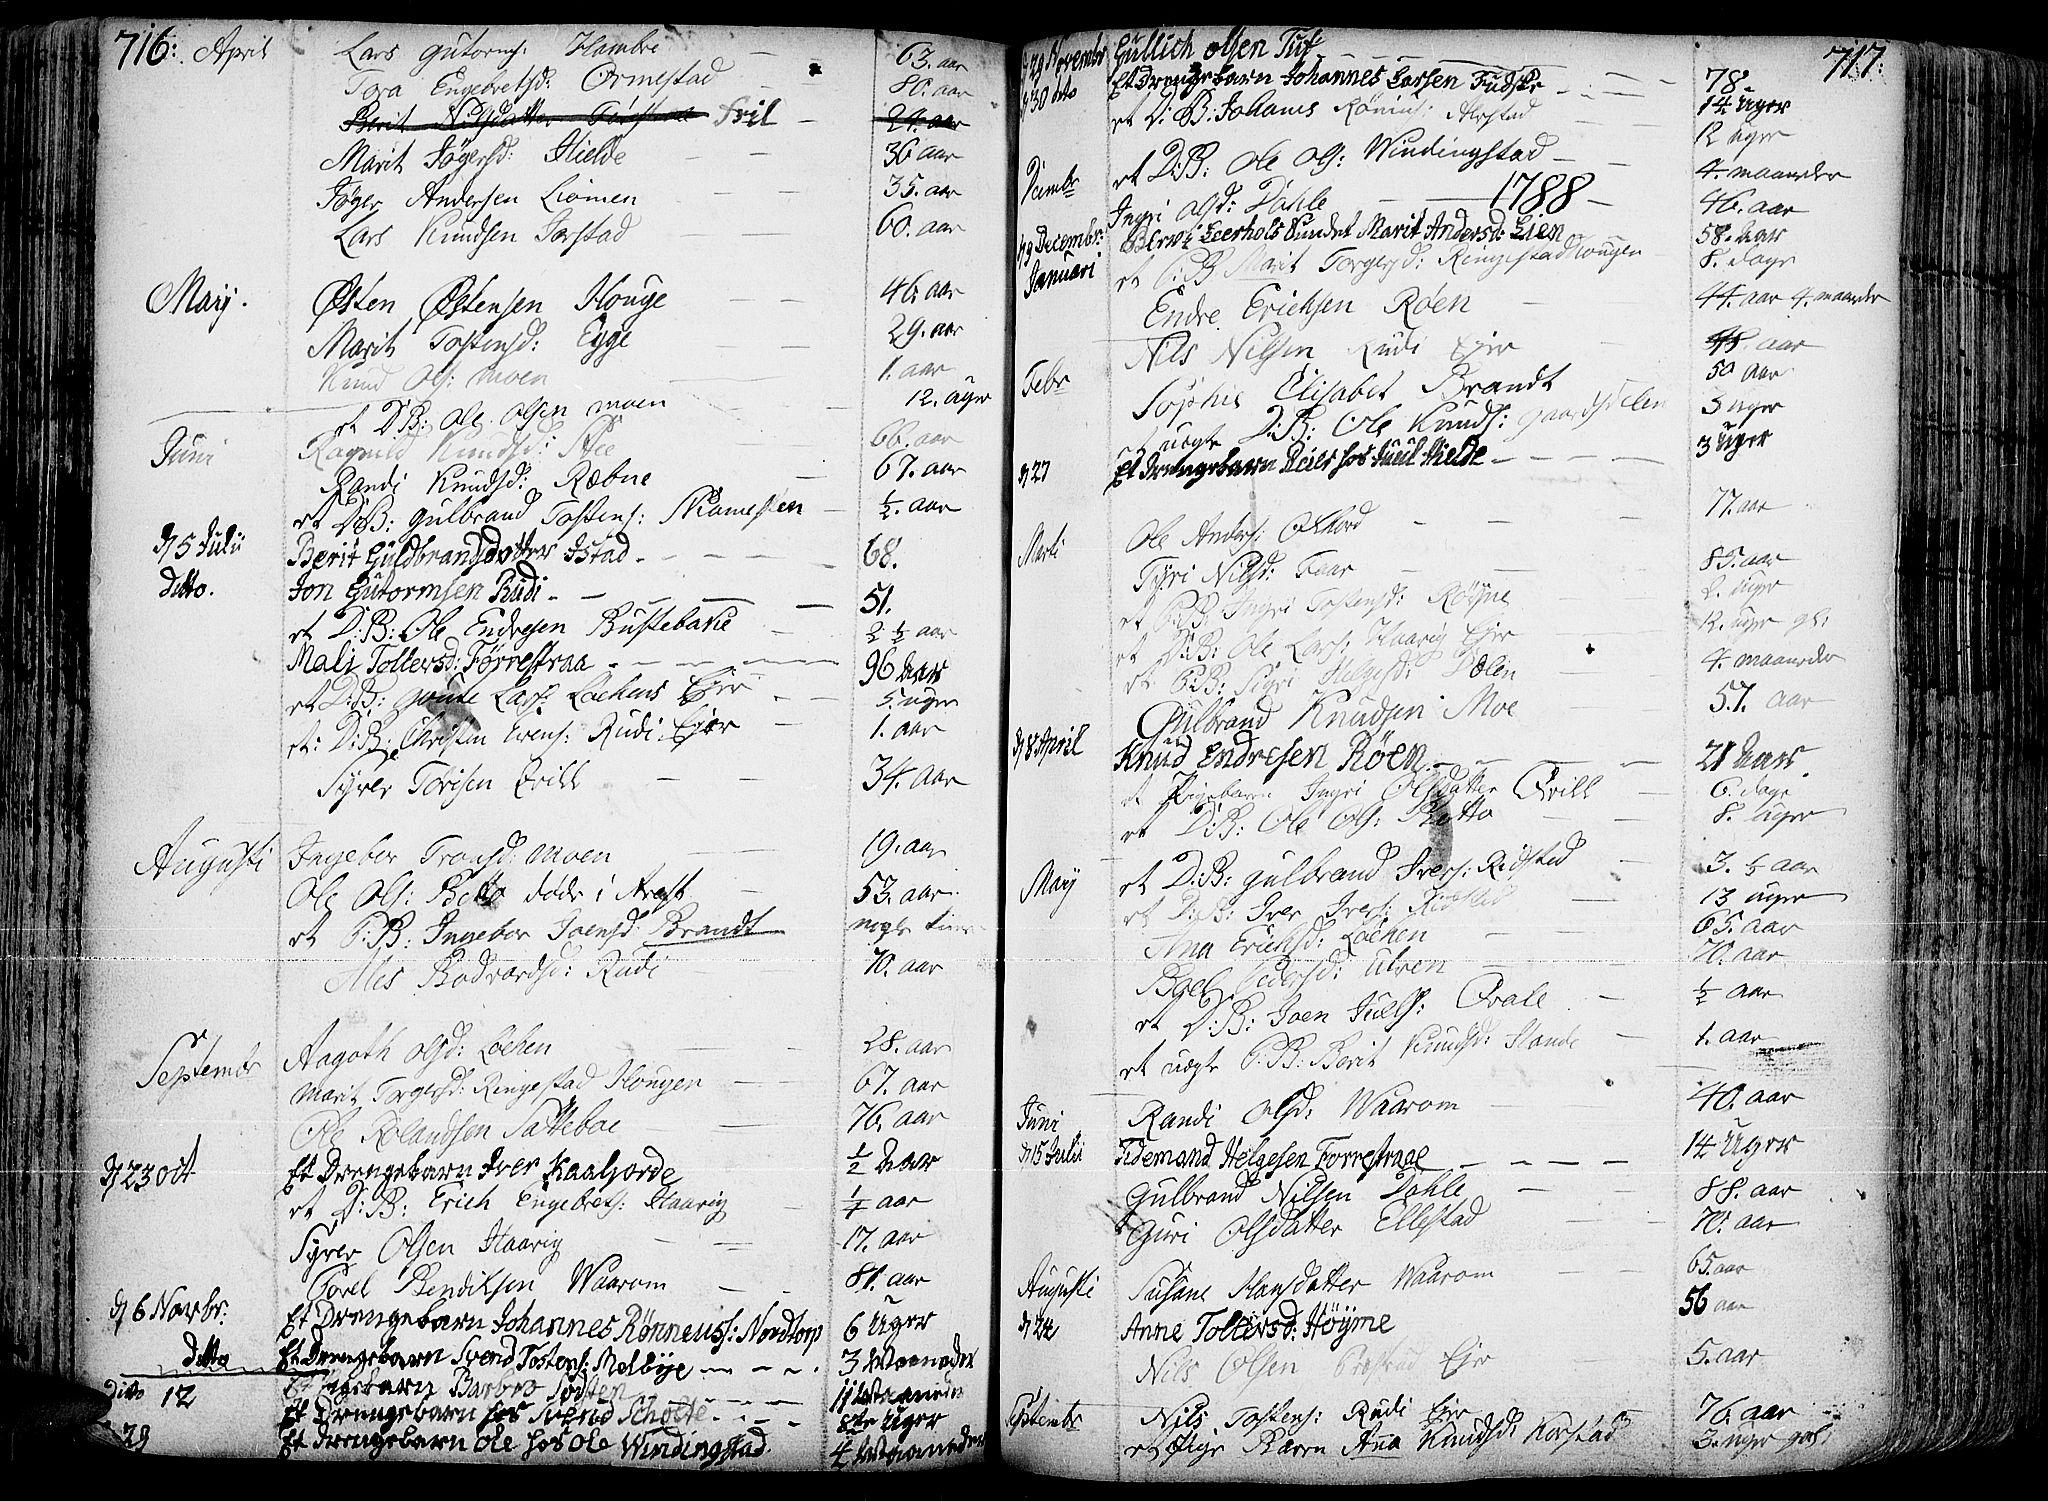 SAH, Slidre prestekontor, Ministerialbok nr. 1, 1724-1814, s. 716-717